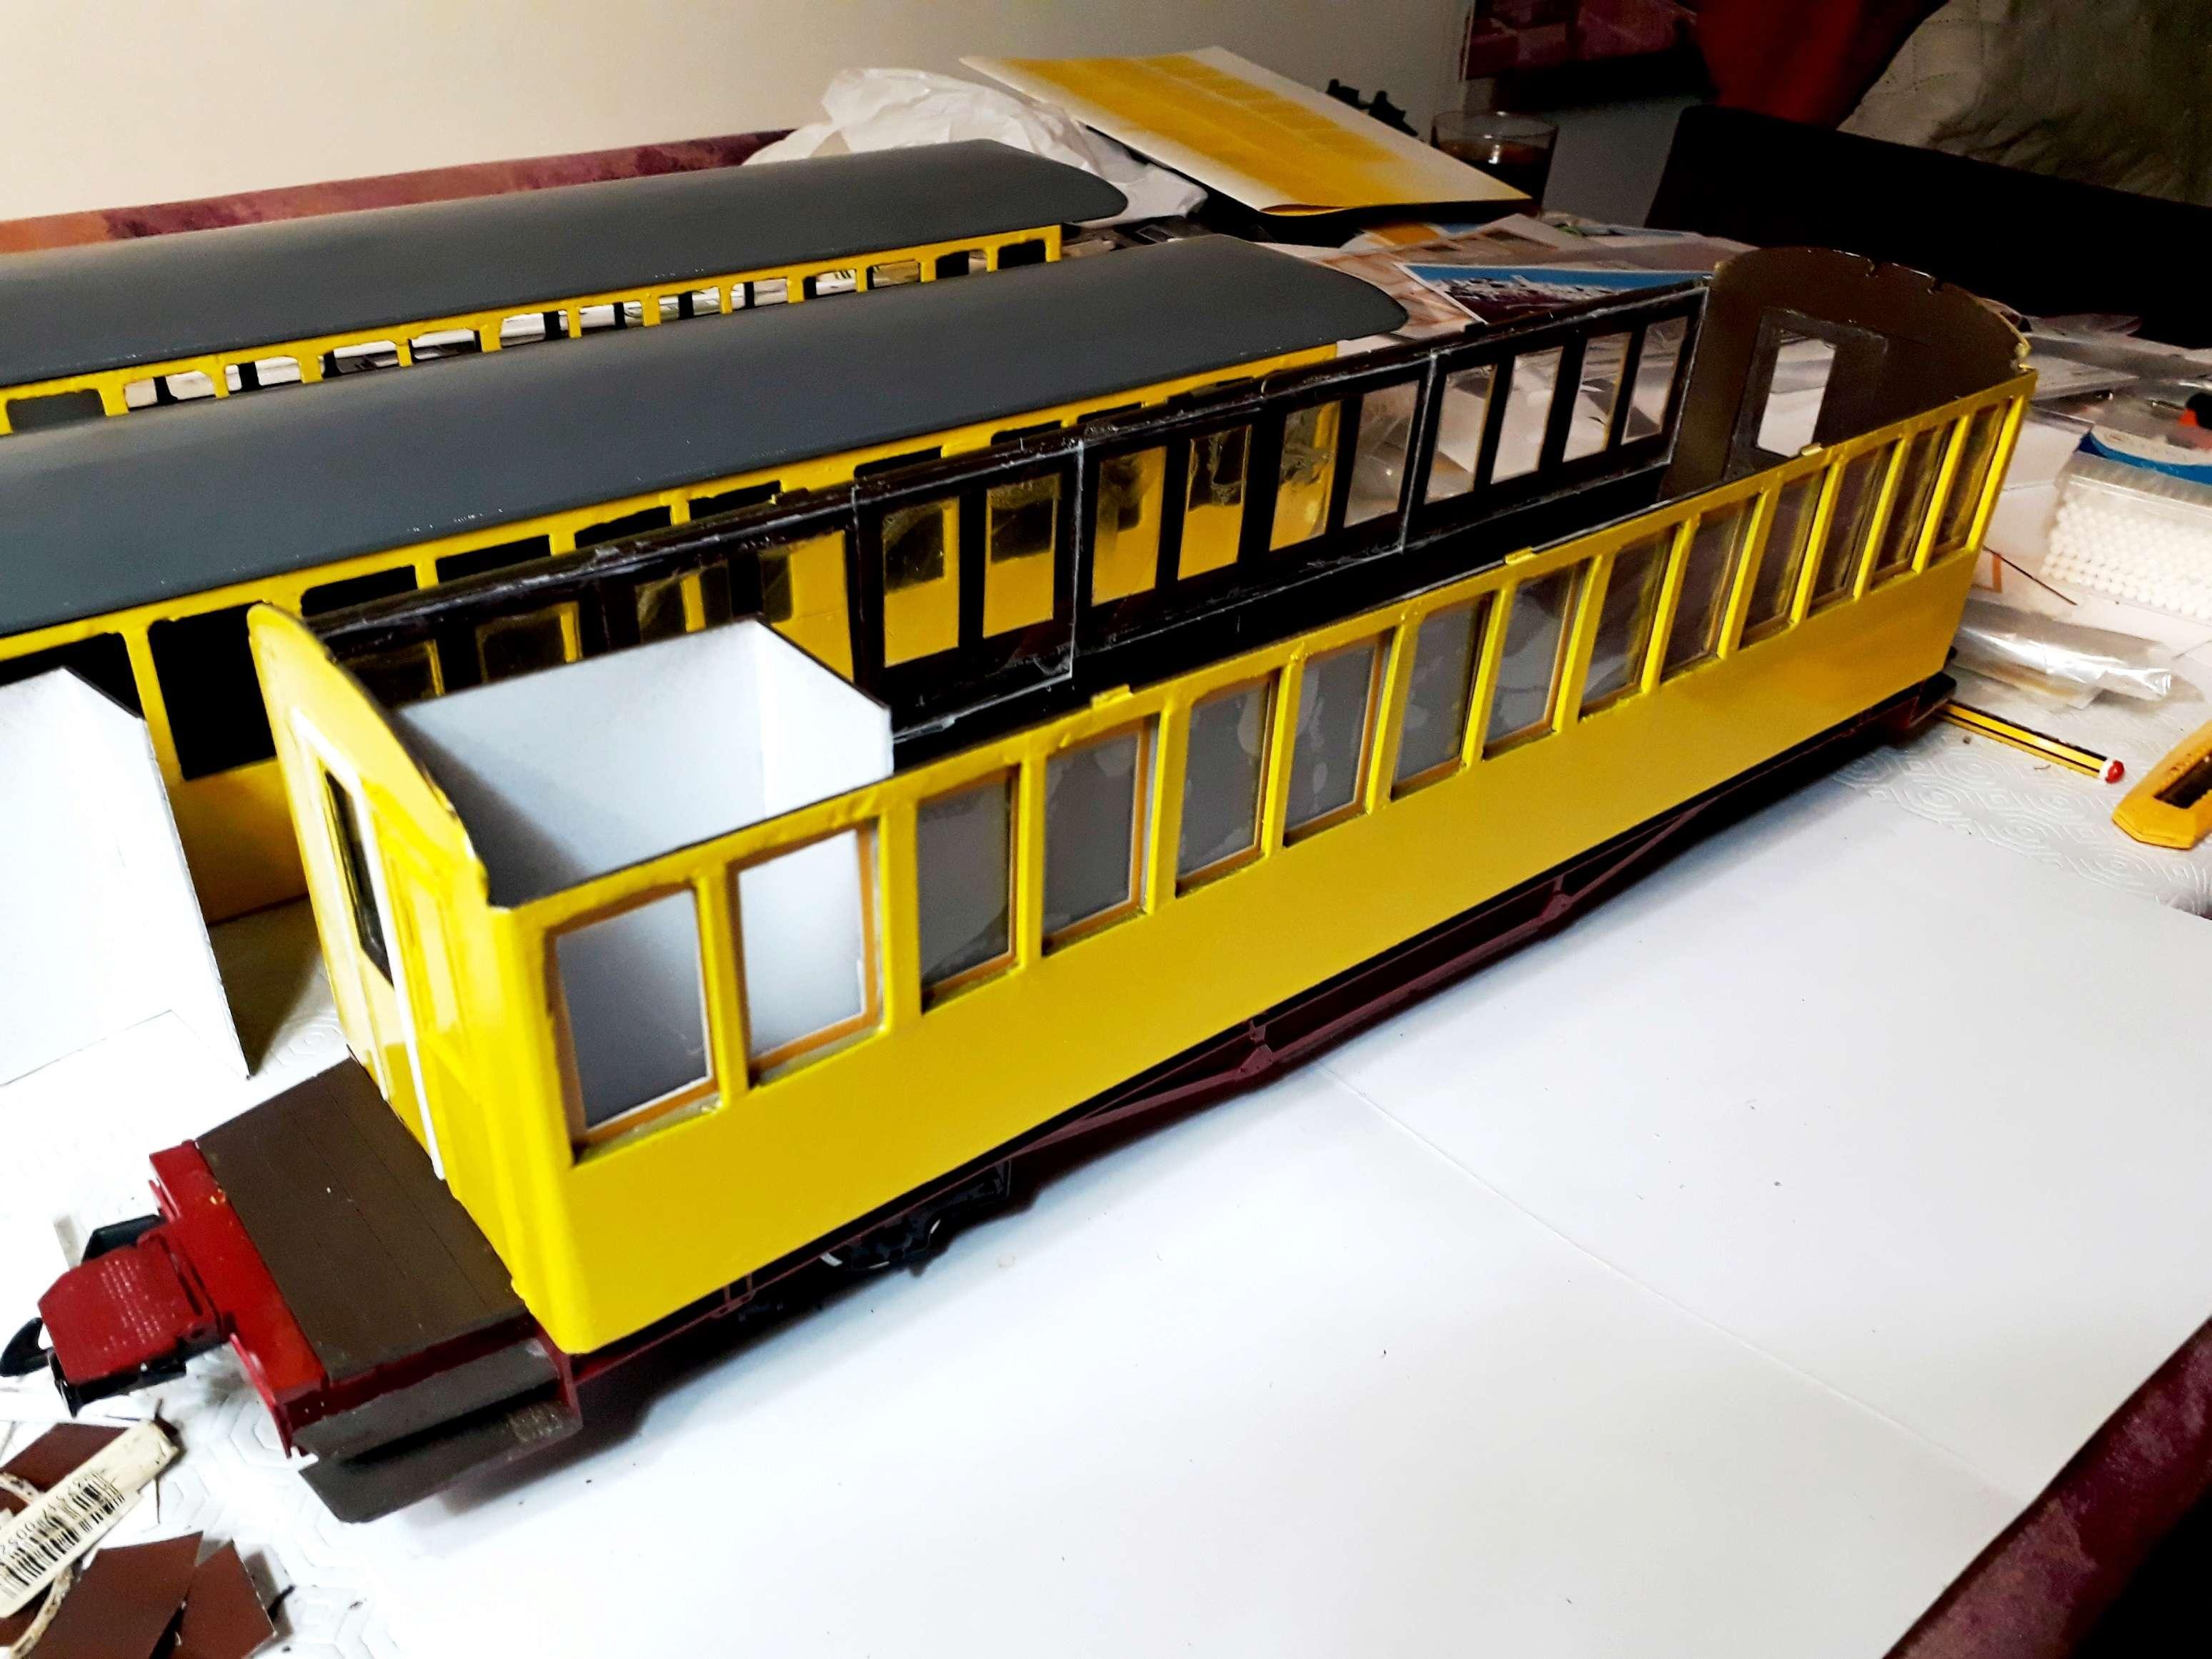 Construcció dels cotxes de viatgers Carcaixent-Dénia (Limón Exprès) a partir de vagons LGB - Página 4 20180519